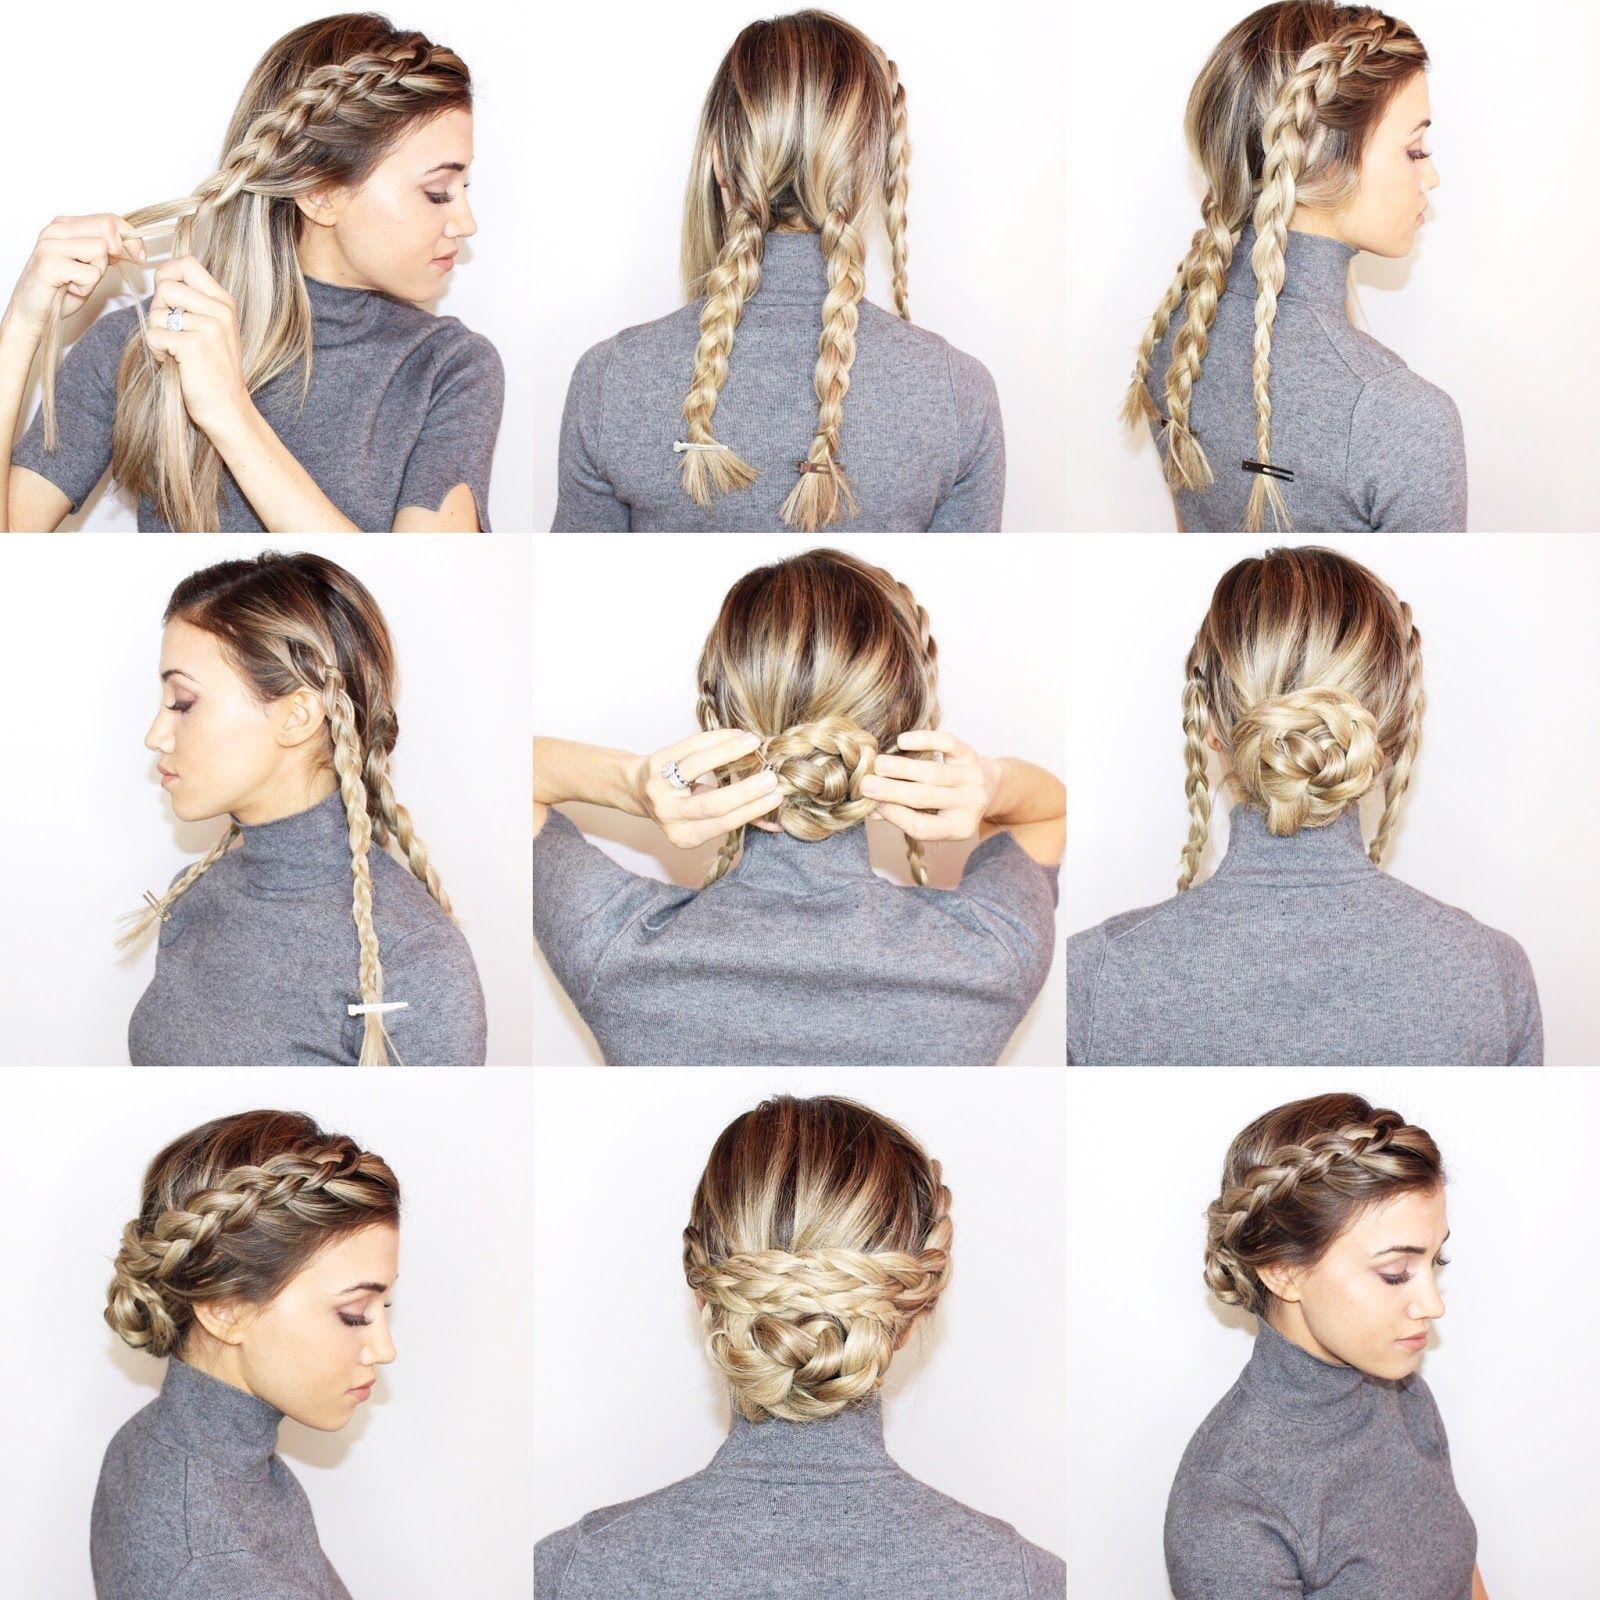 braid hairstyles reddit #braided emo hairstyles #braided